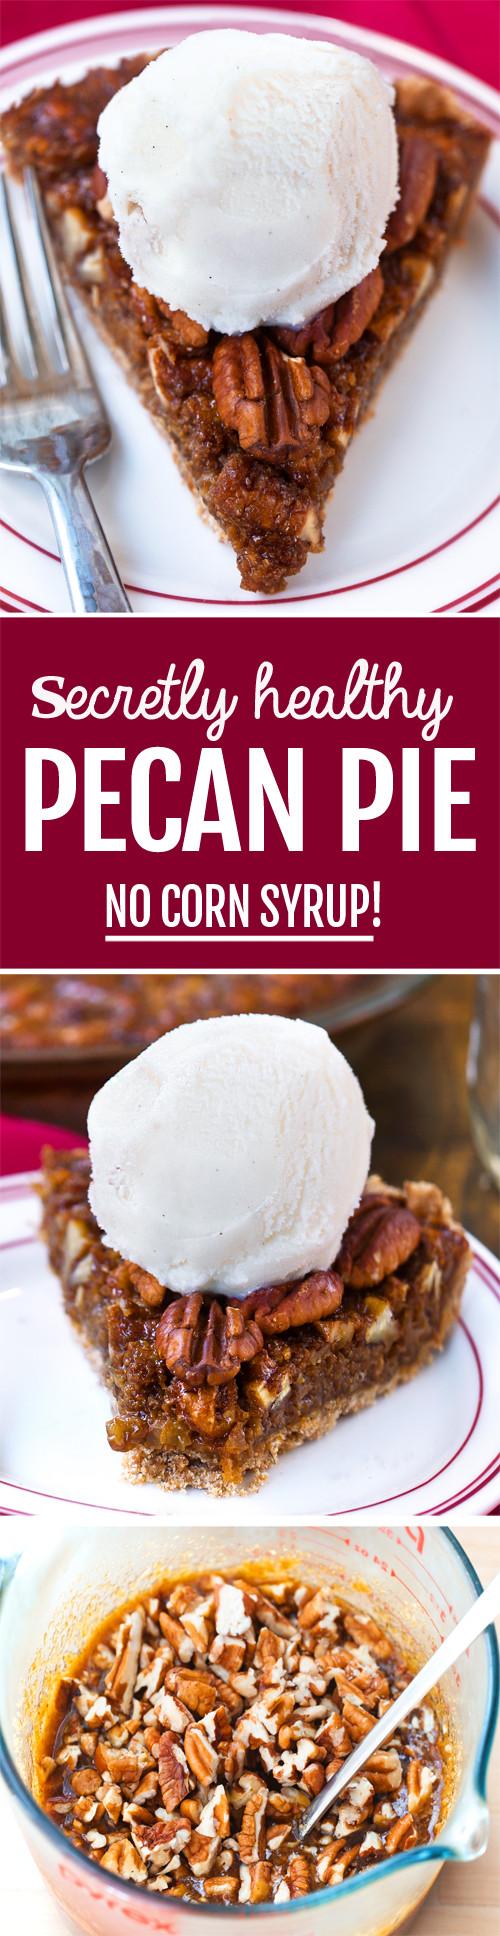 Healthy Pecan Pie Recipe  Vegan Pecan Pie NO Corn Syrup